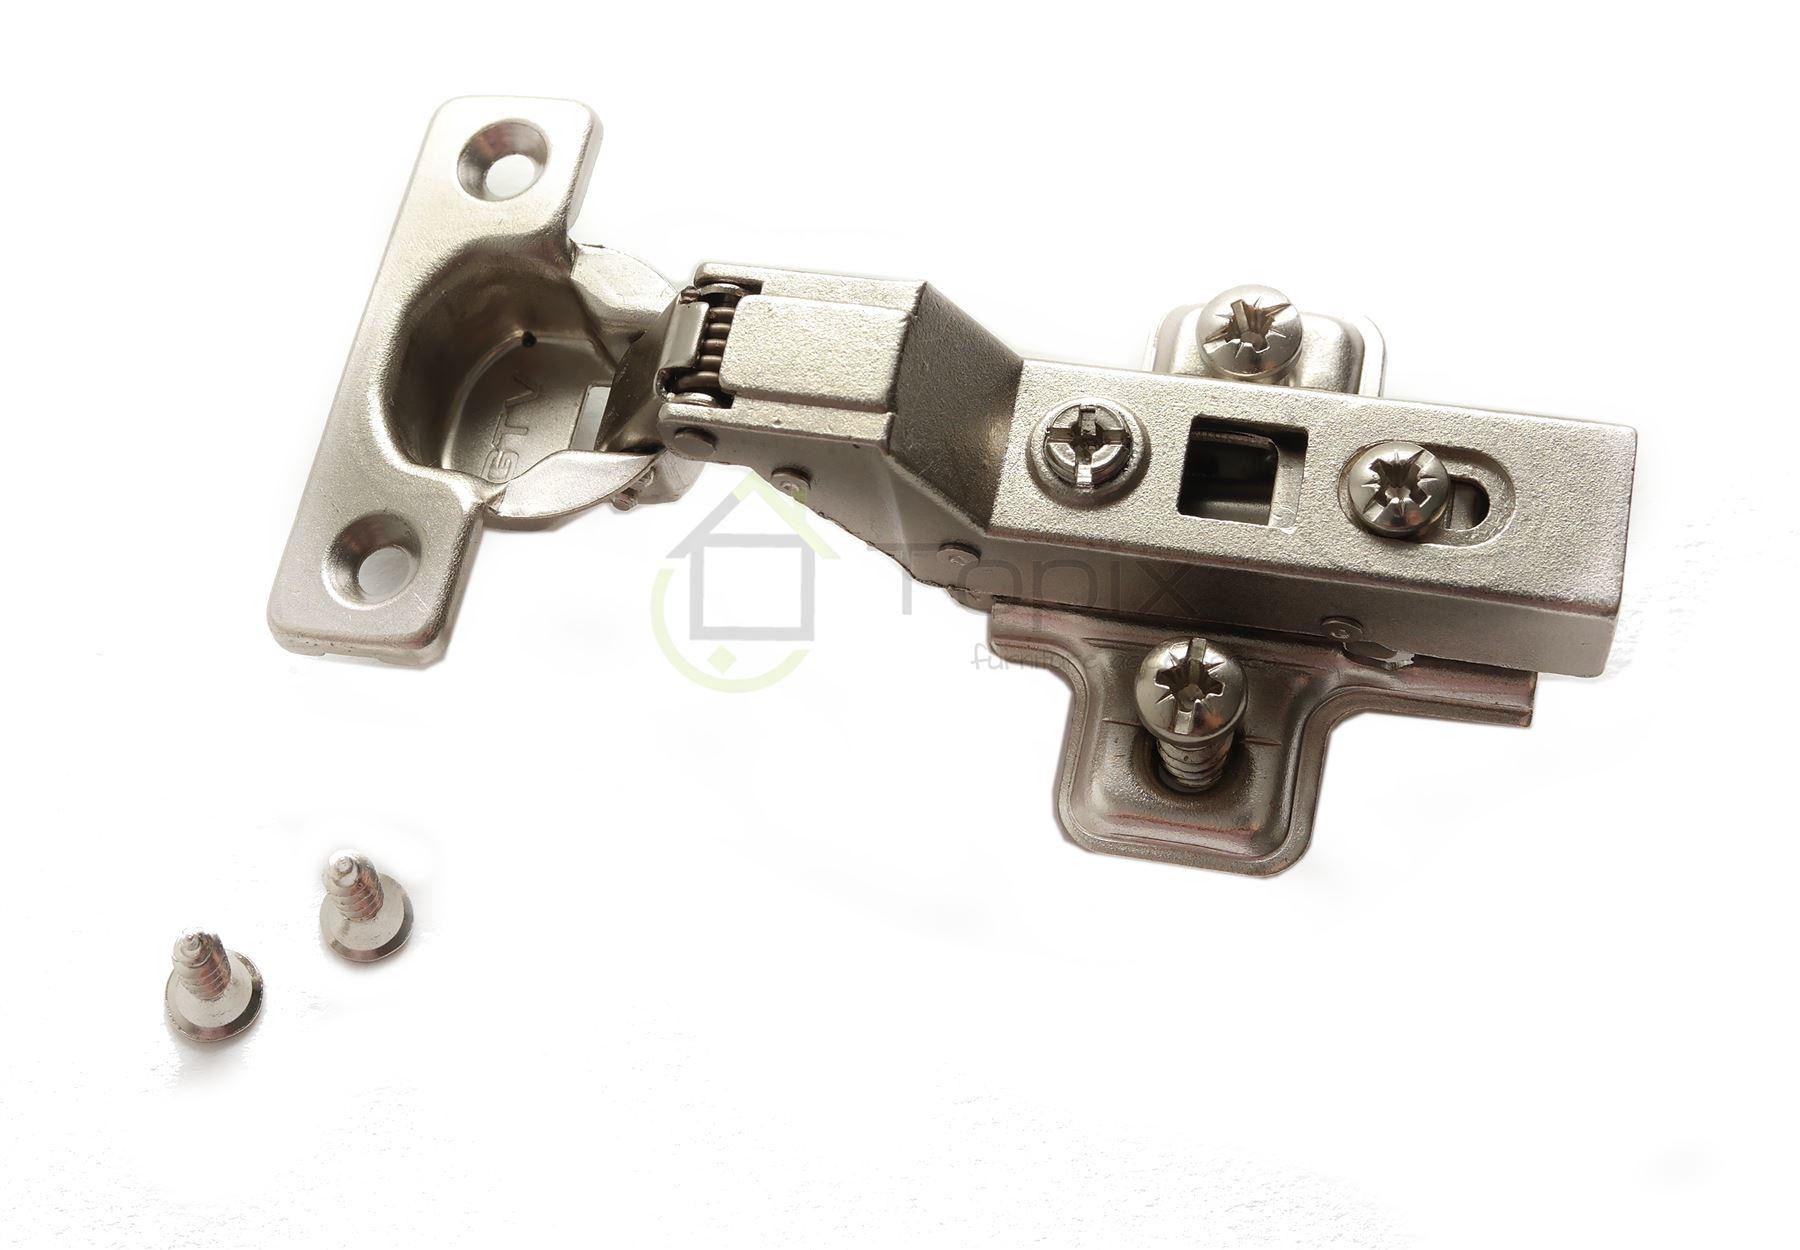 gtv soft close 26mm flush inset kitchen cabinet door hinge. Black Bedroom Furniture Sets. Home Design Ideas